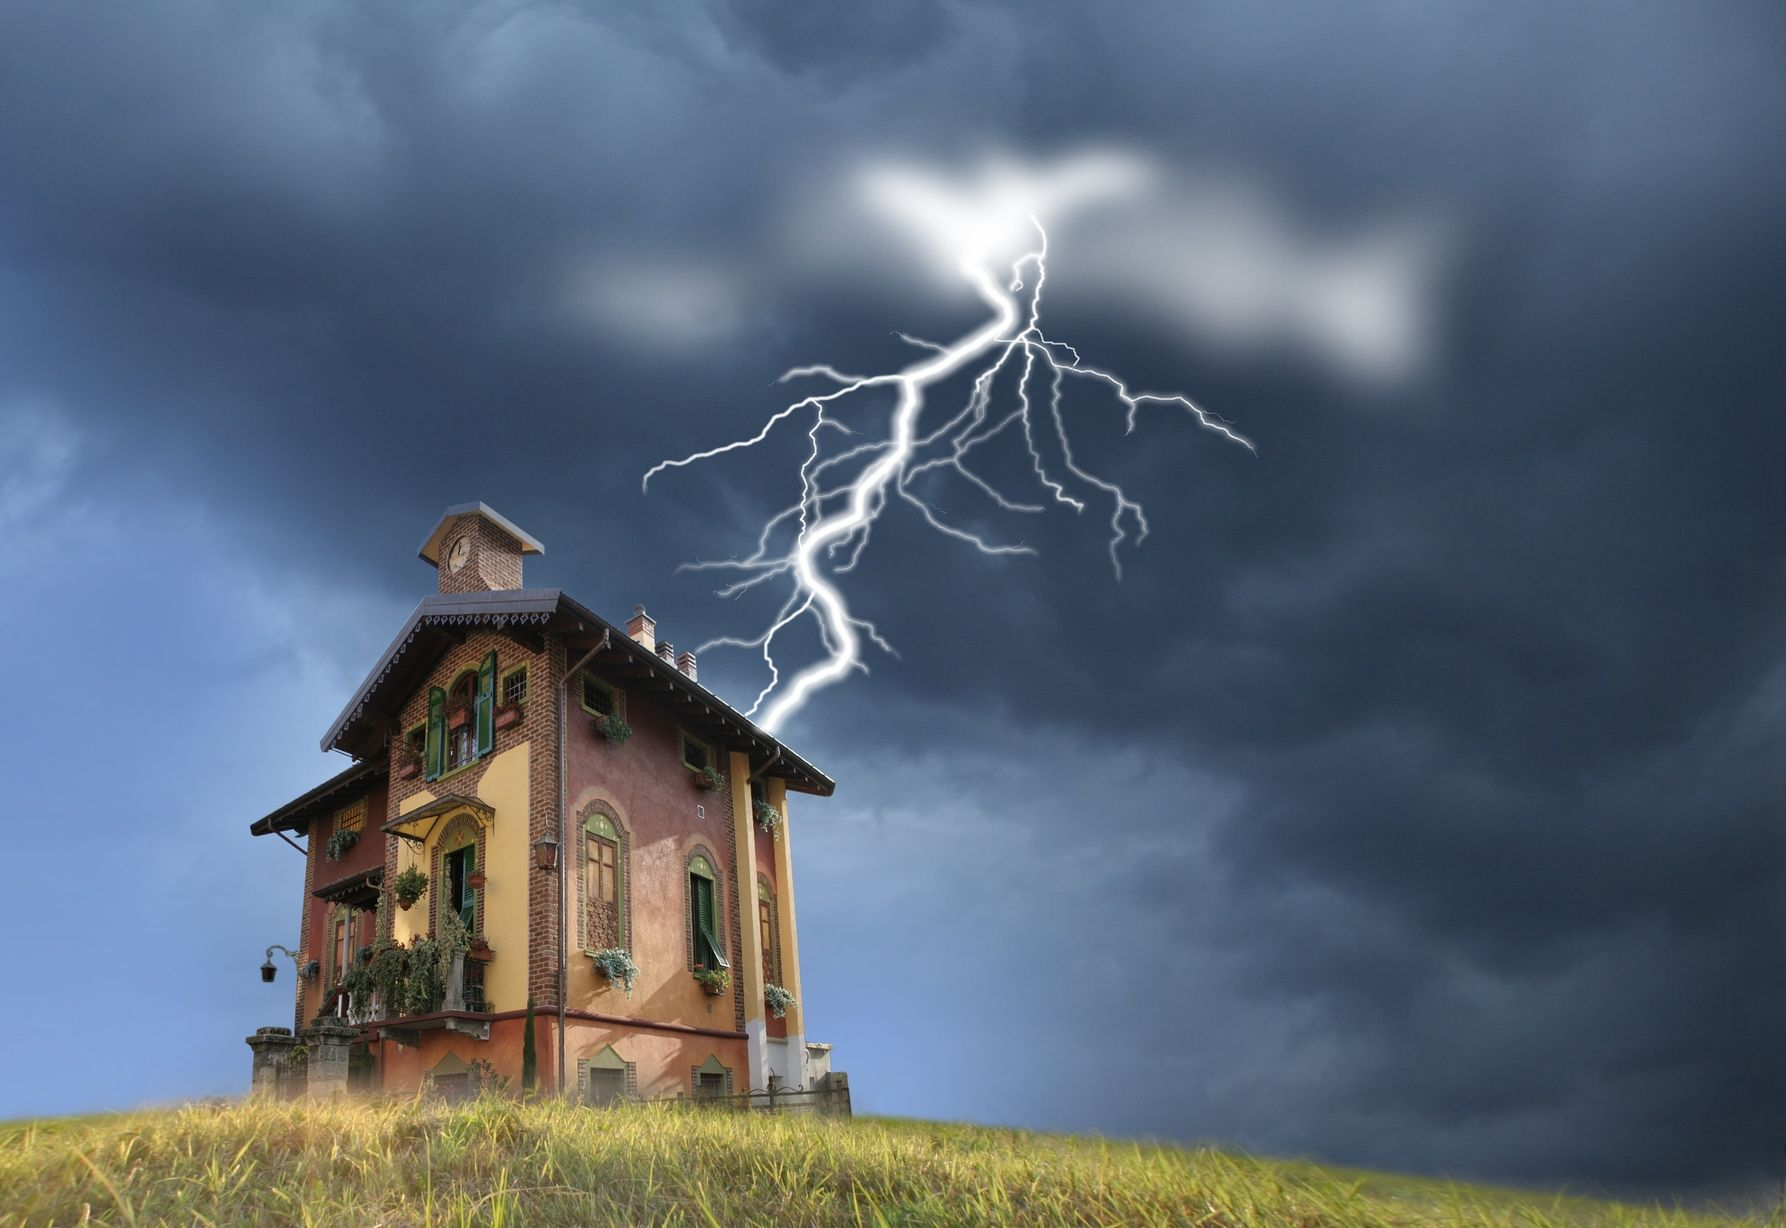 Protéger sa maison de la foudre